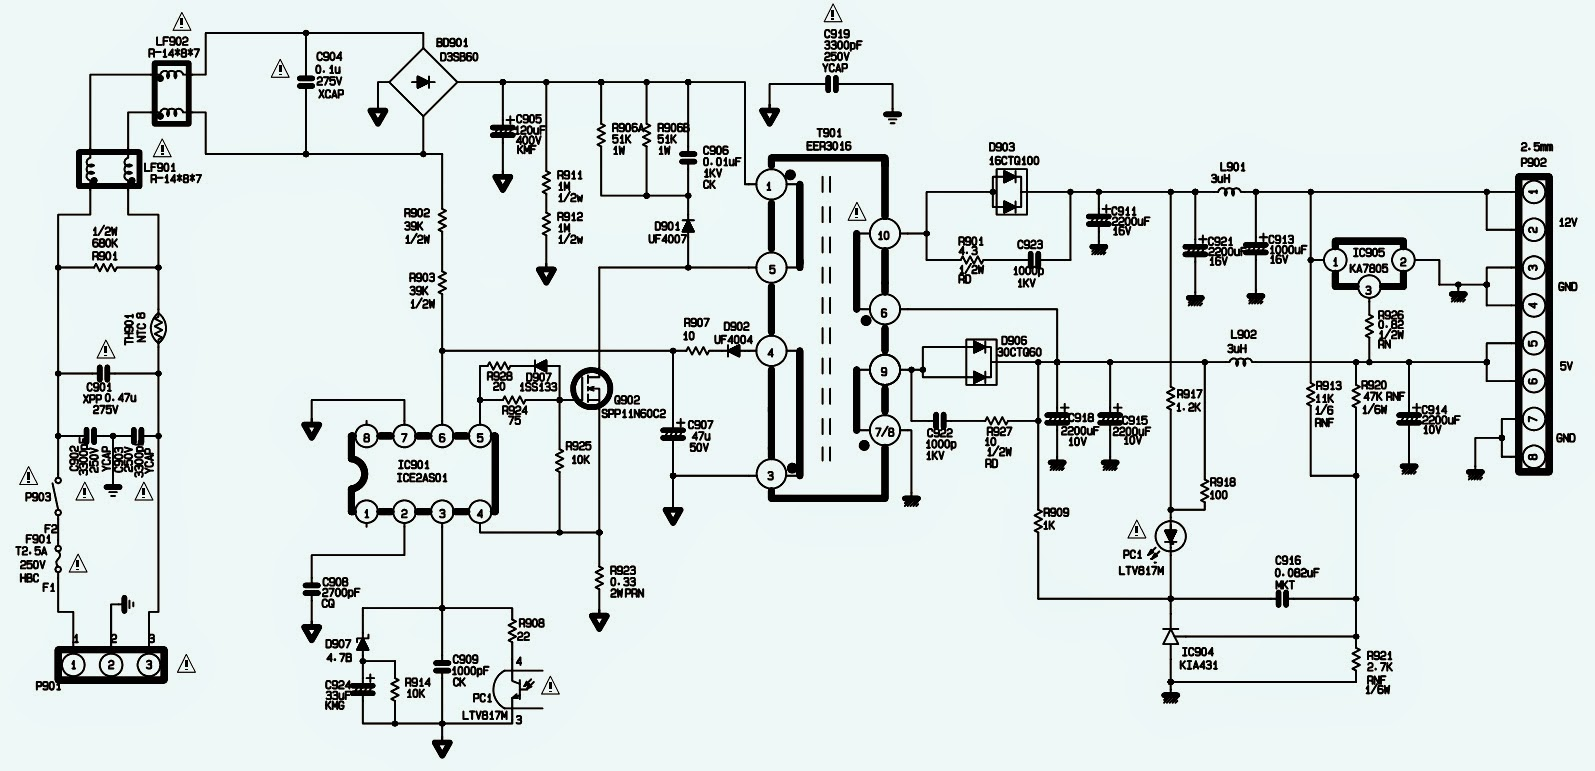 medium resolution of sanyo power supply wiring diagram wiring diagram todayslg tv power supply schematics data wiring diagram schema